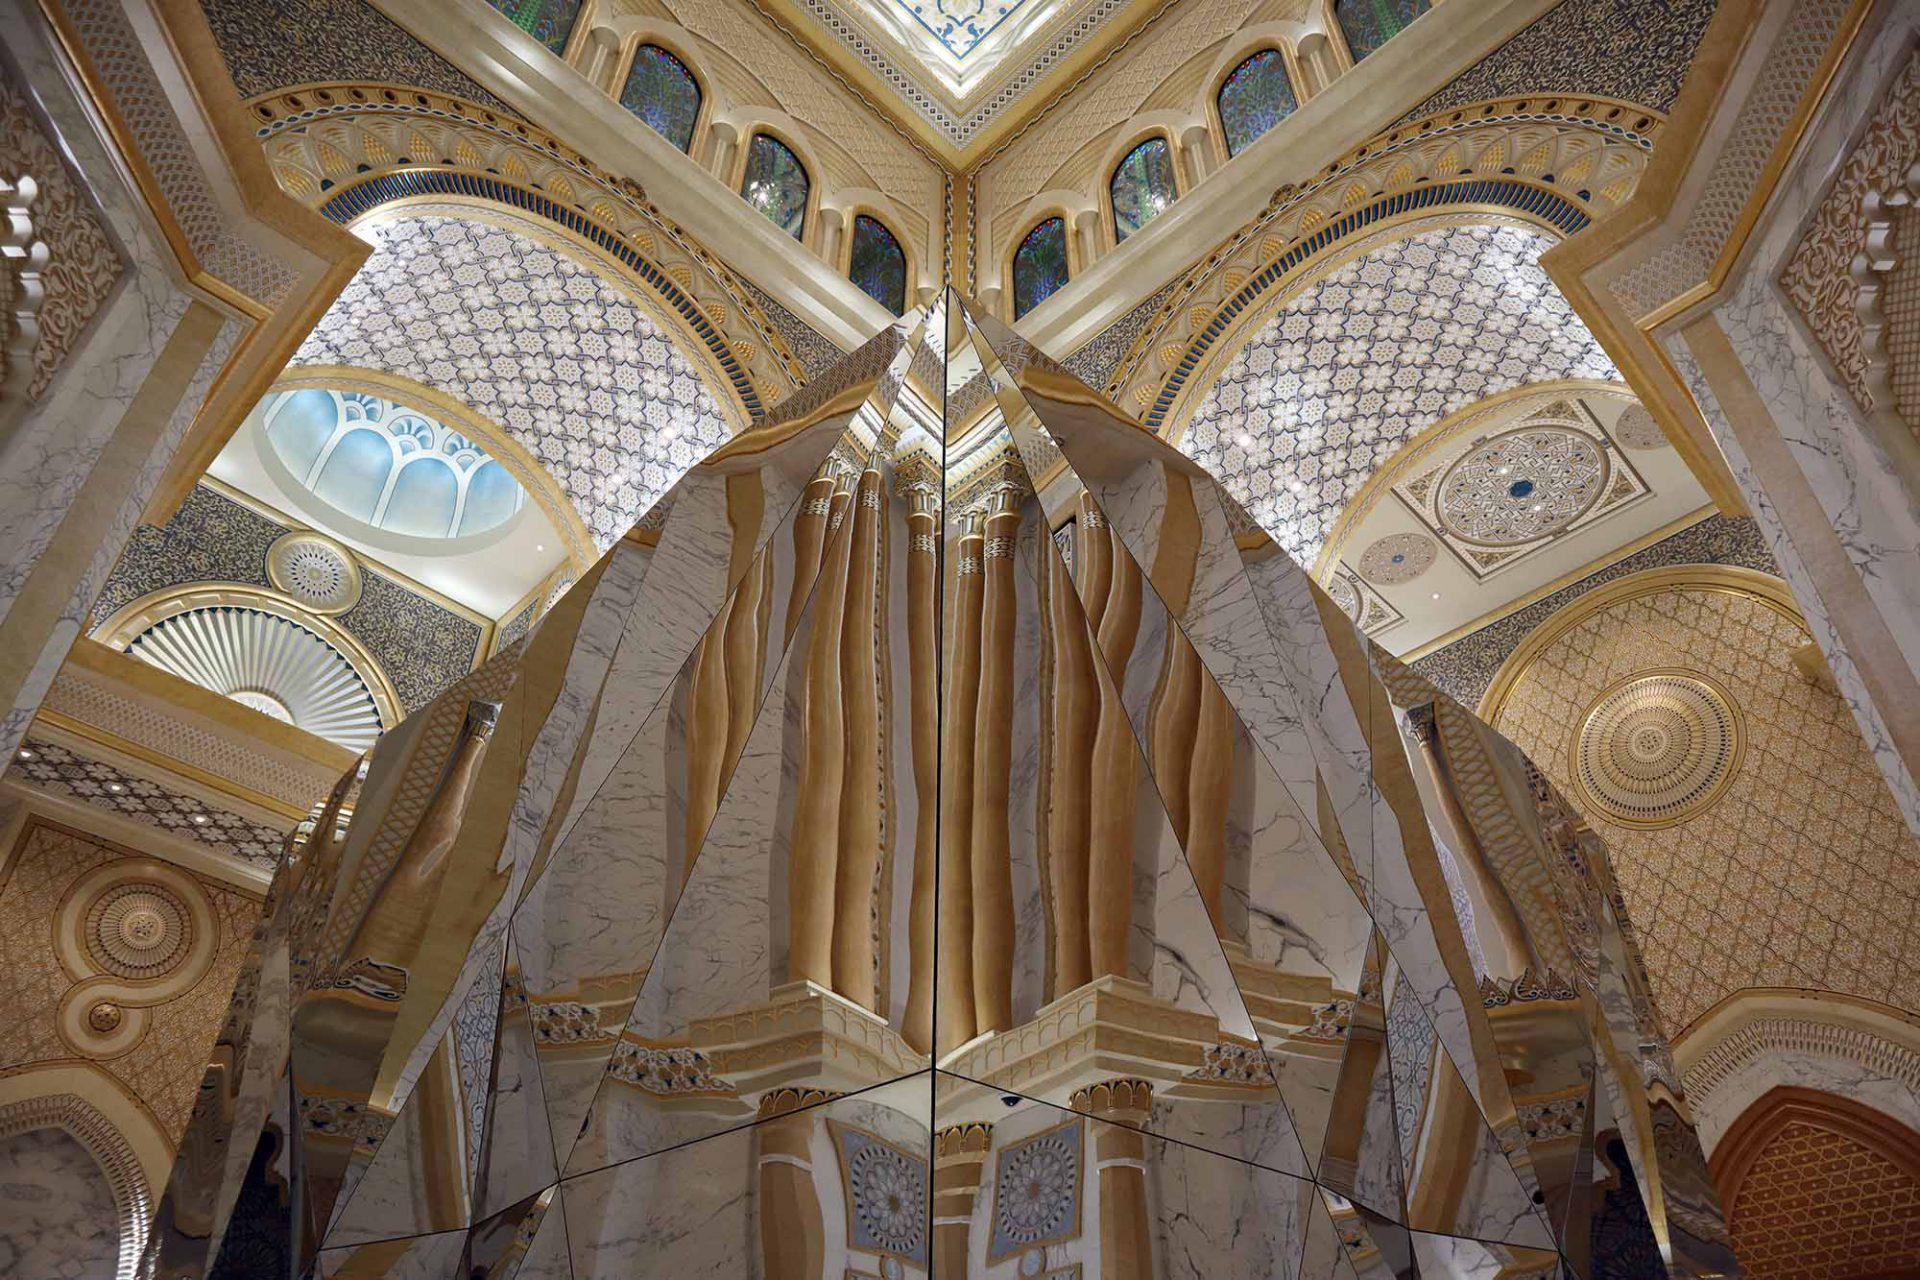 Qasr Al Watan. Kristallin anmutende, begehbare Installationen in der Großen Halle ...